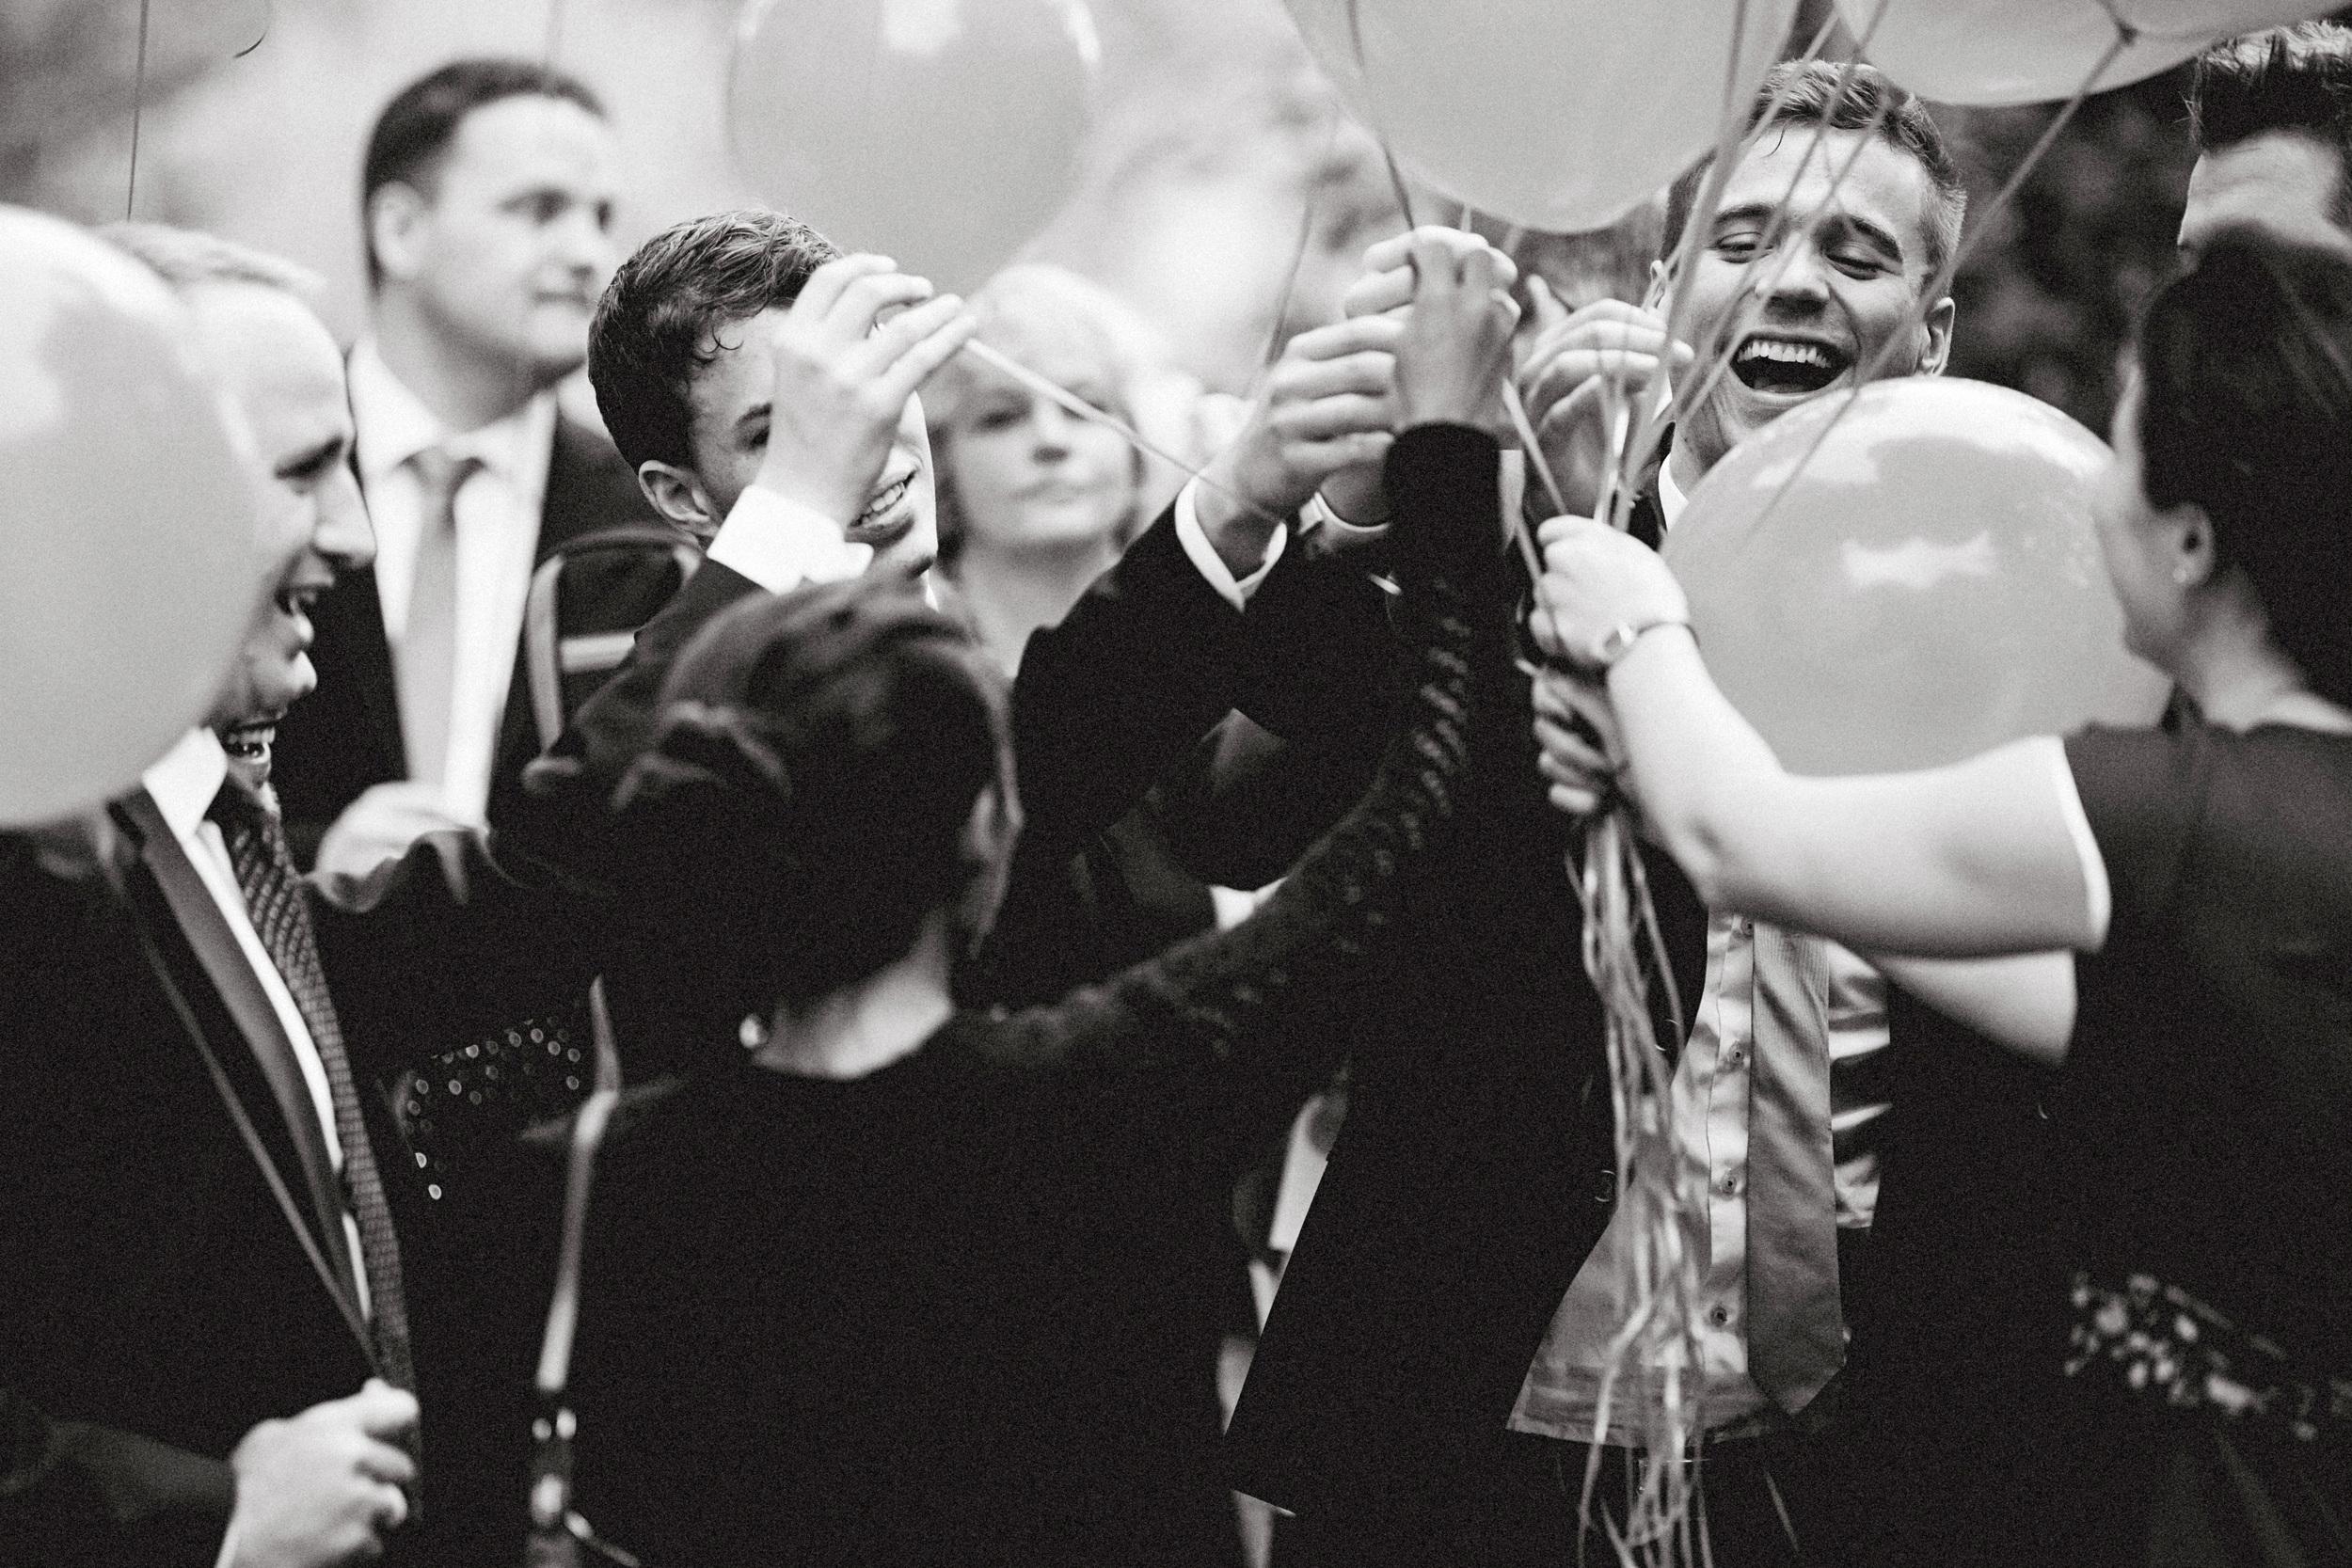 Hochzeit_320sw.jpg